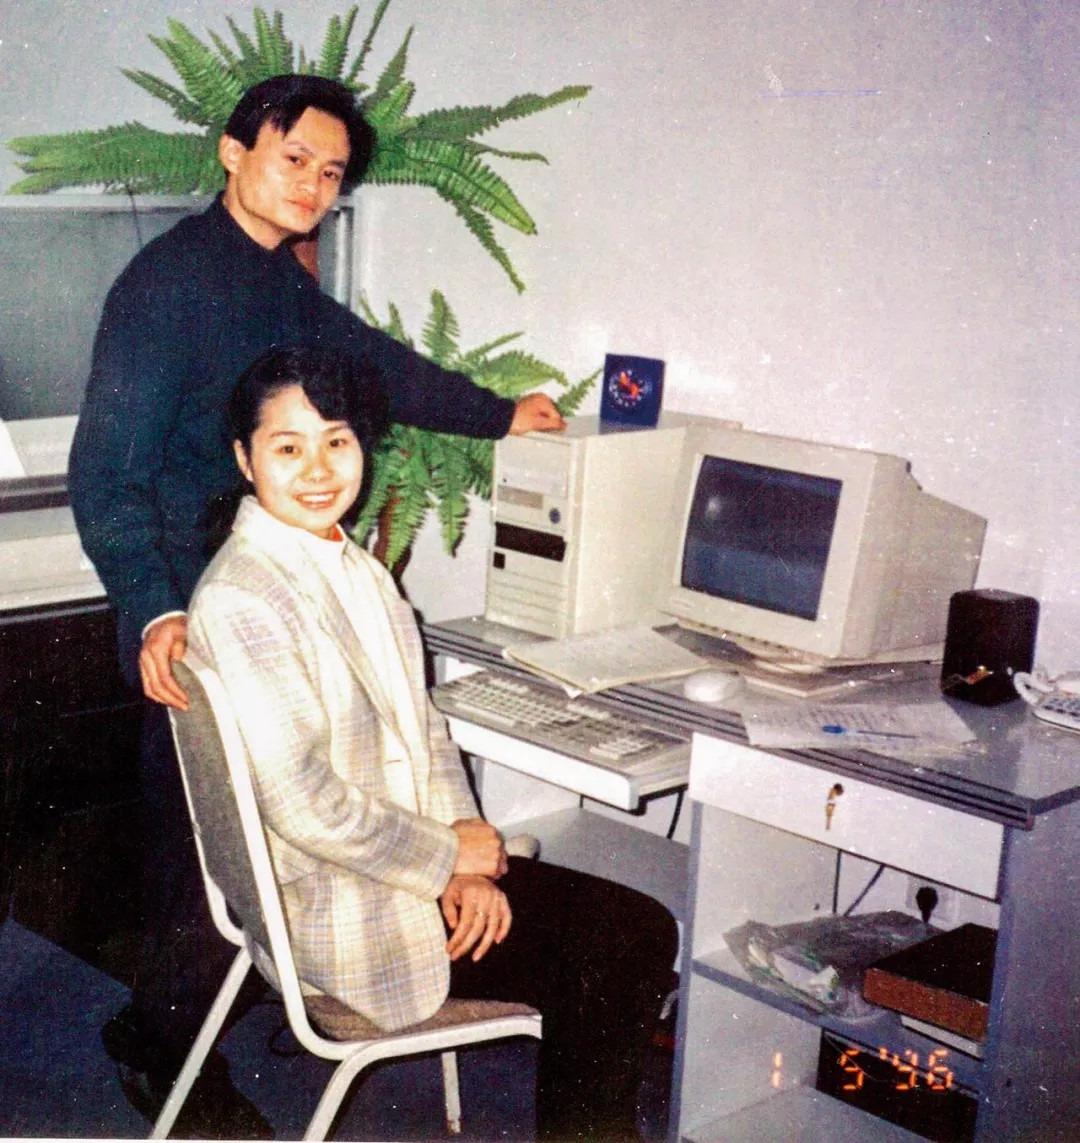 互联网巨头夫妻档的宿命,分道扬镳为多数!